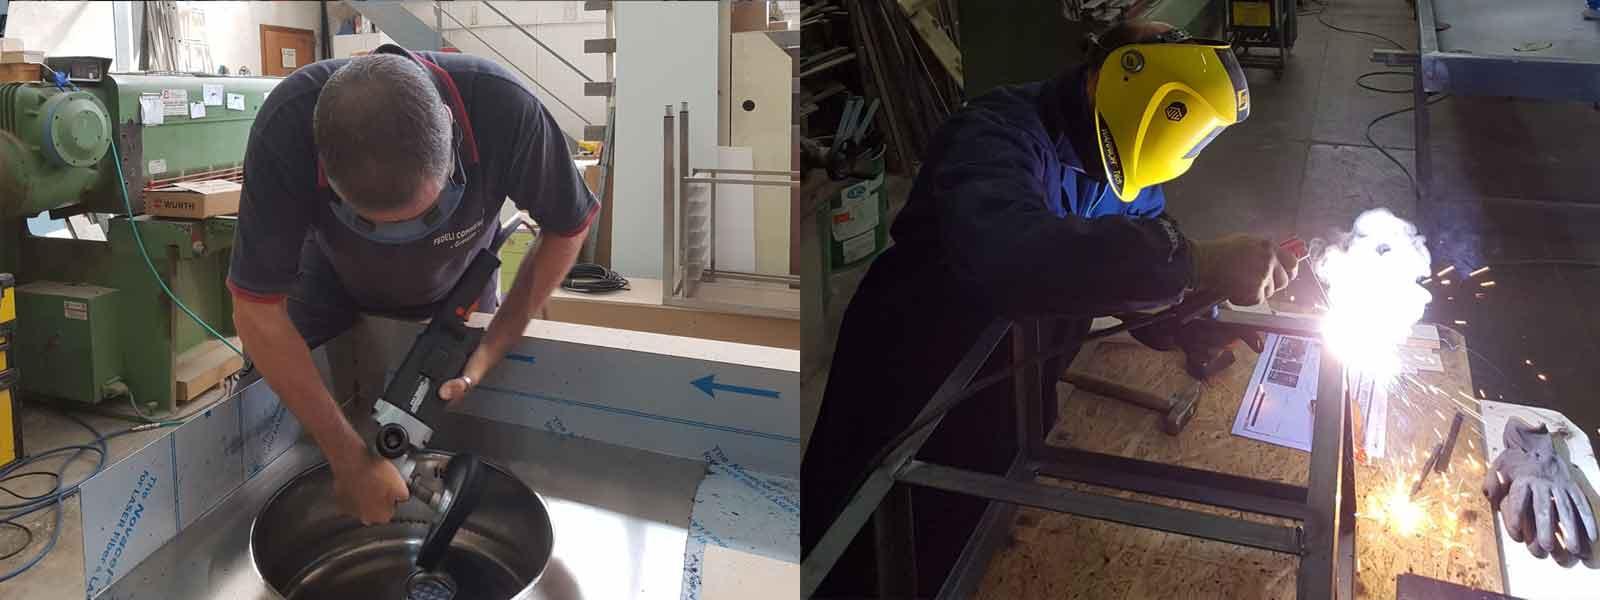 Fasi della lavorazione acciaio nel reparto realizzazione arredamento per bar e ristoranti a Grosseto